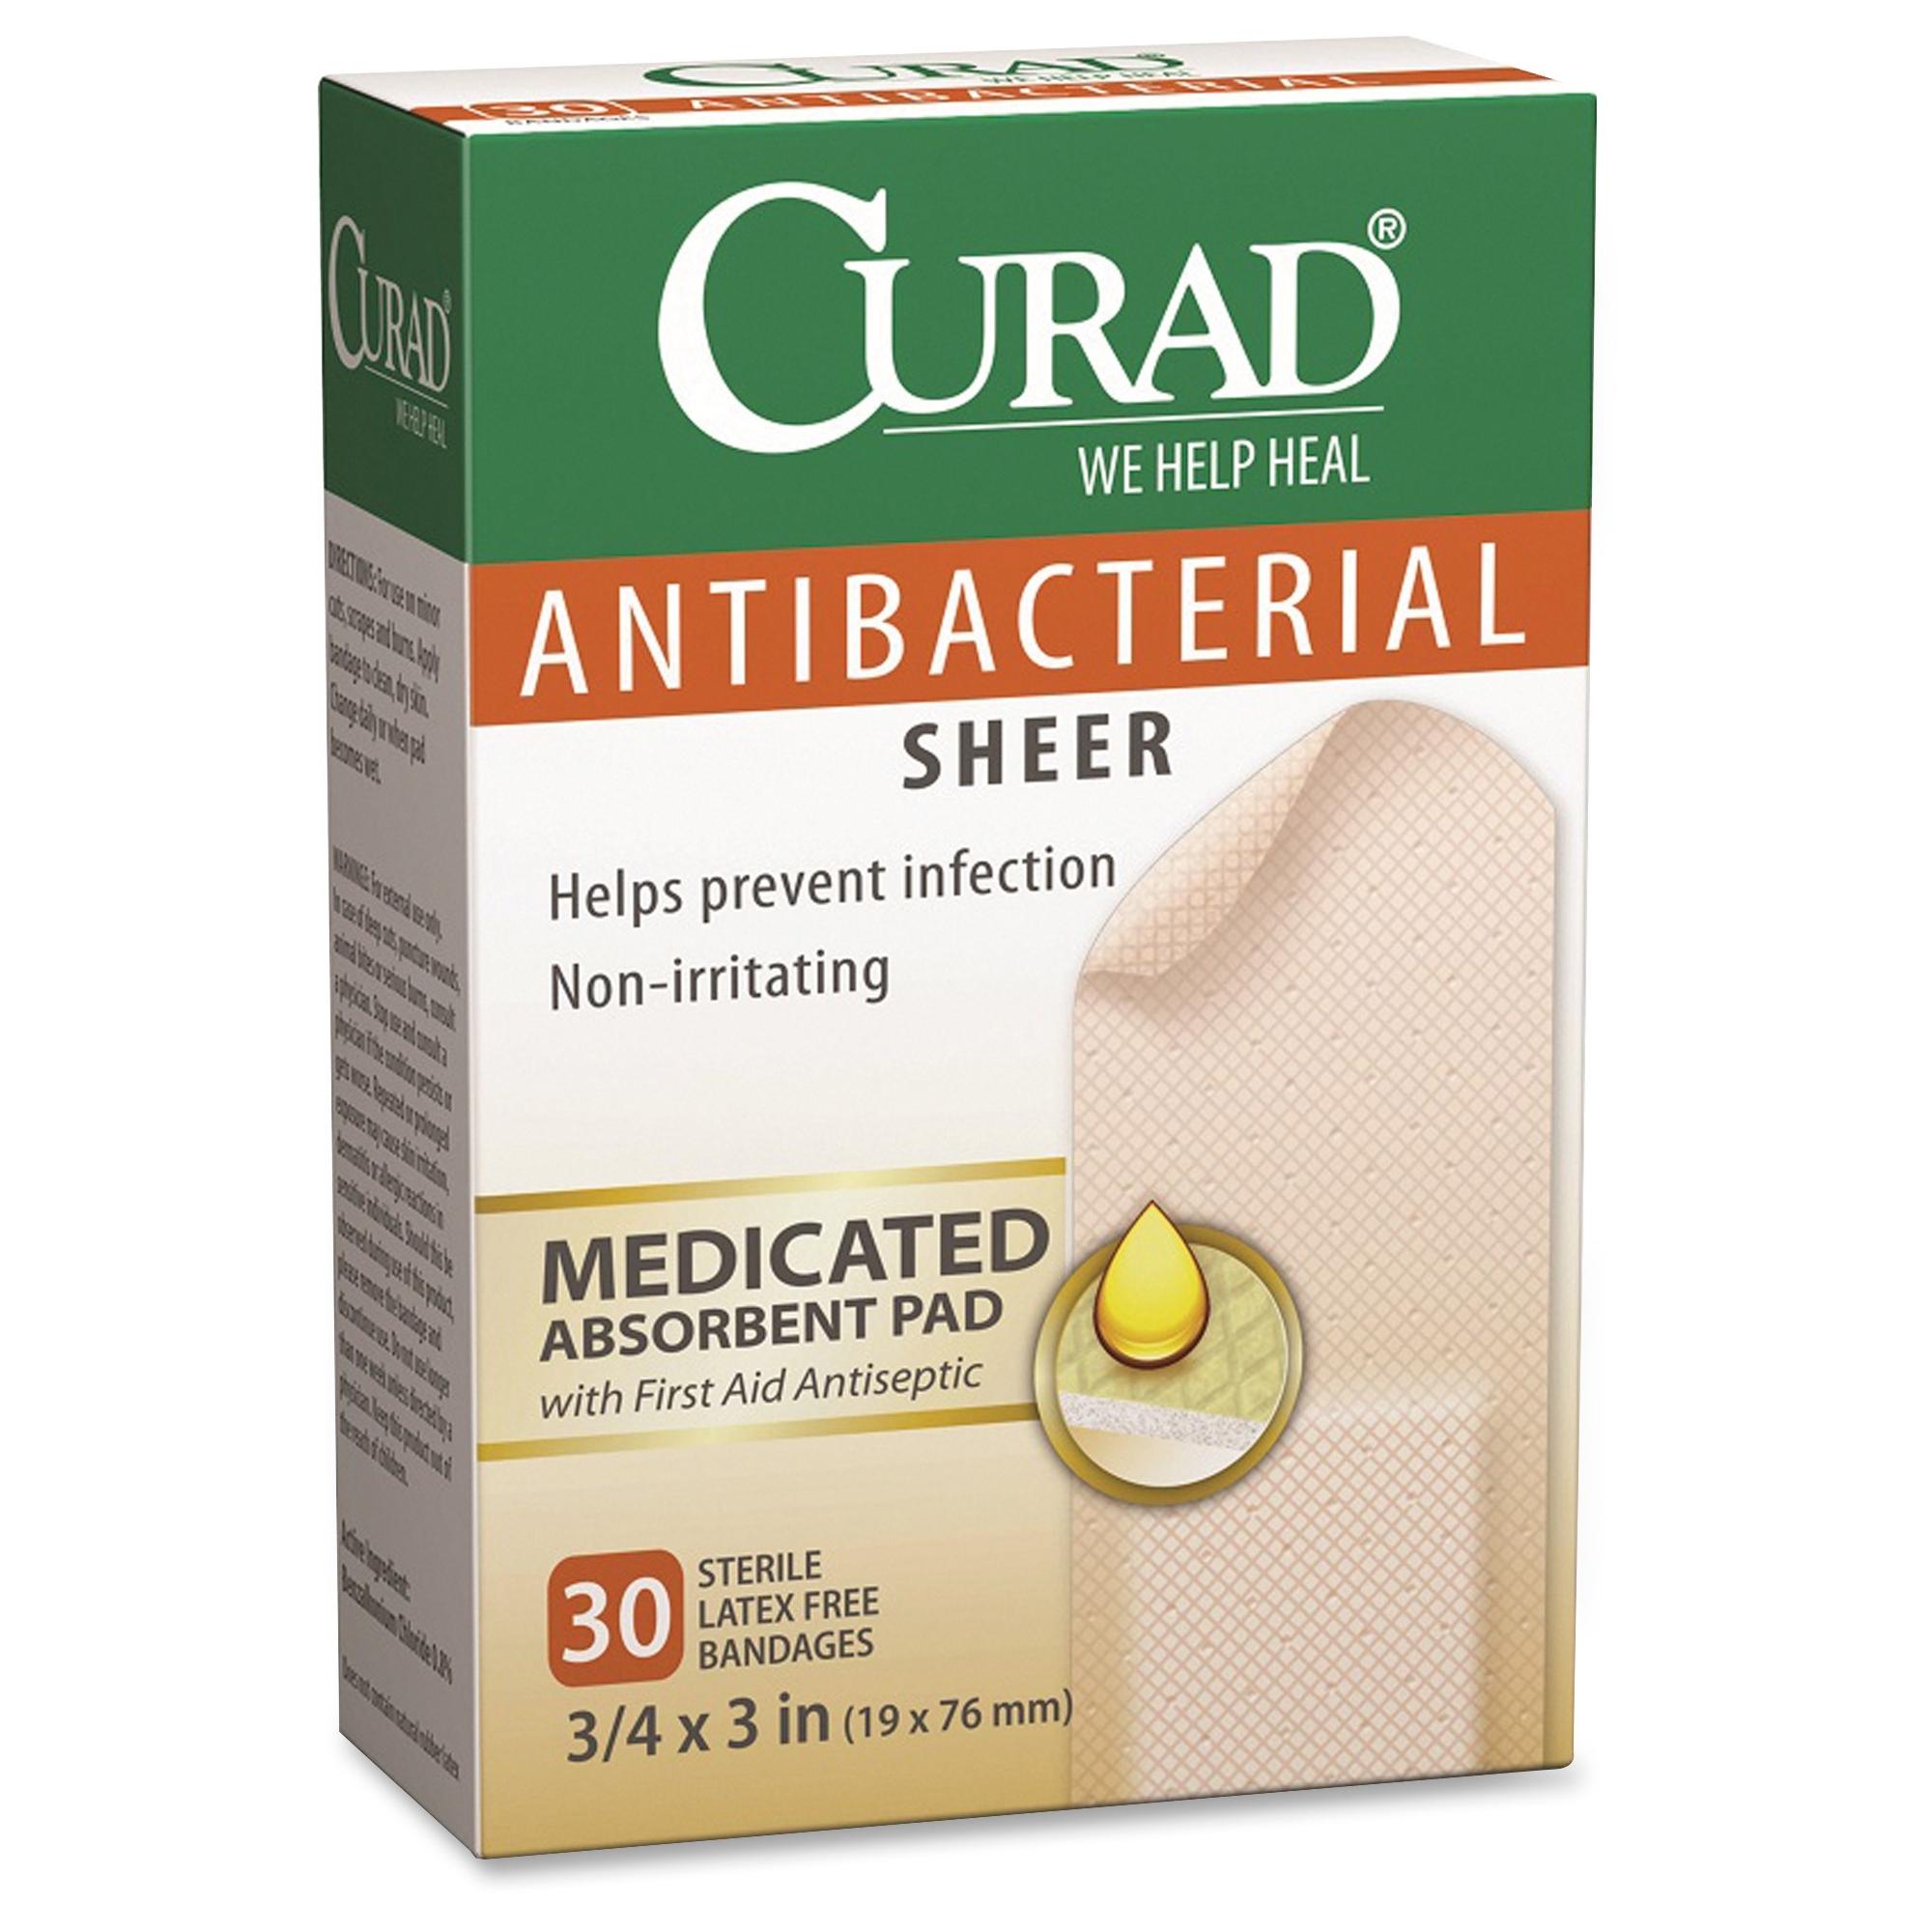 Curad Antibacterial Sheer Bandages - 30/box (cur022255)